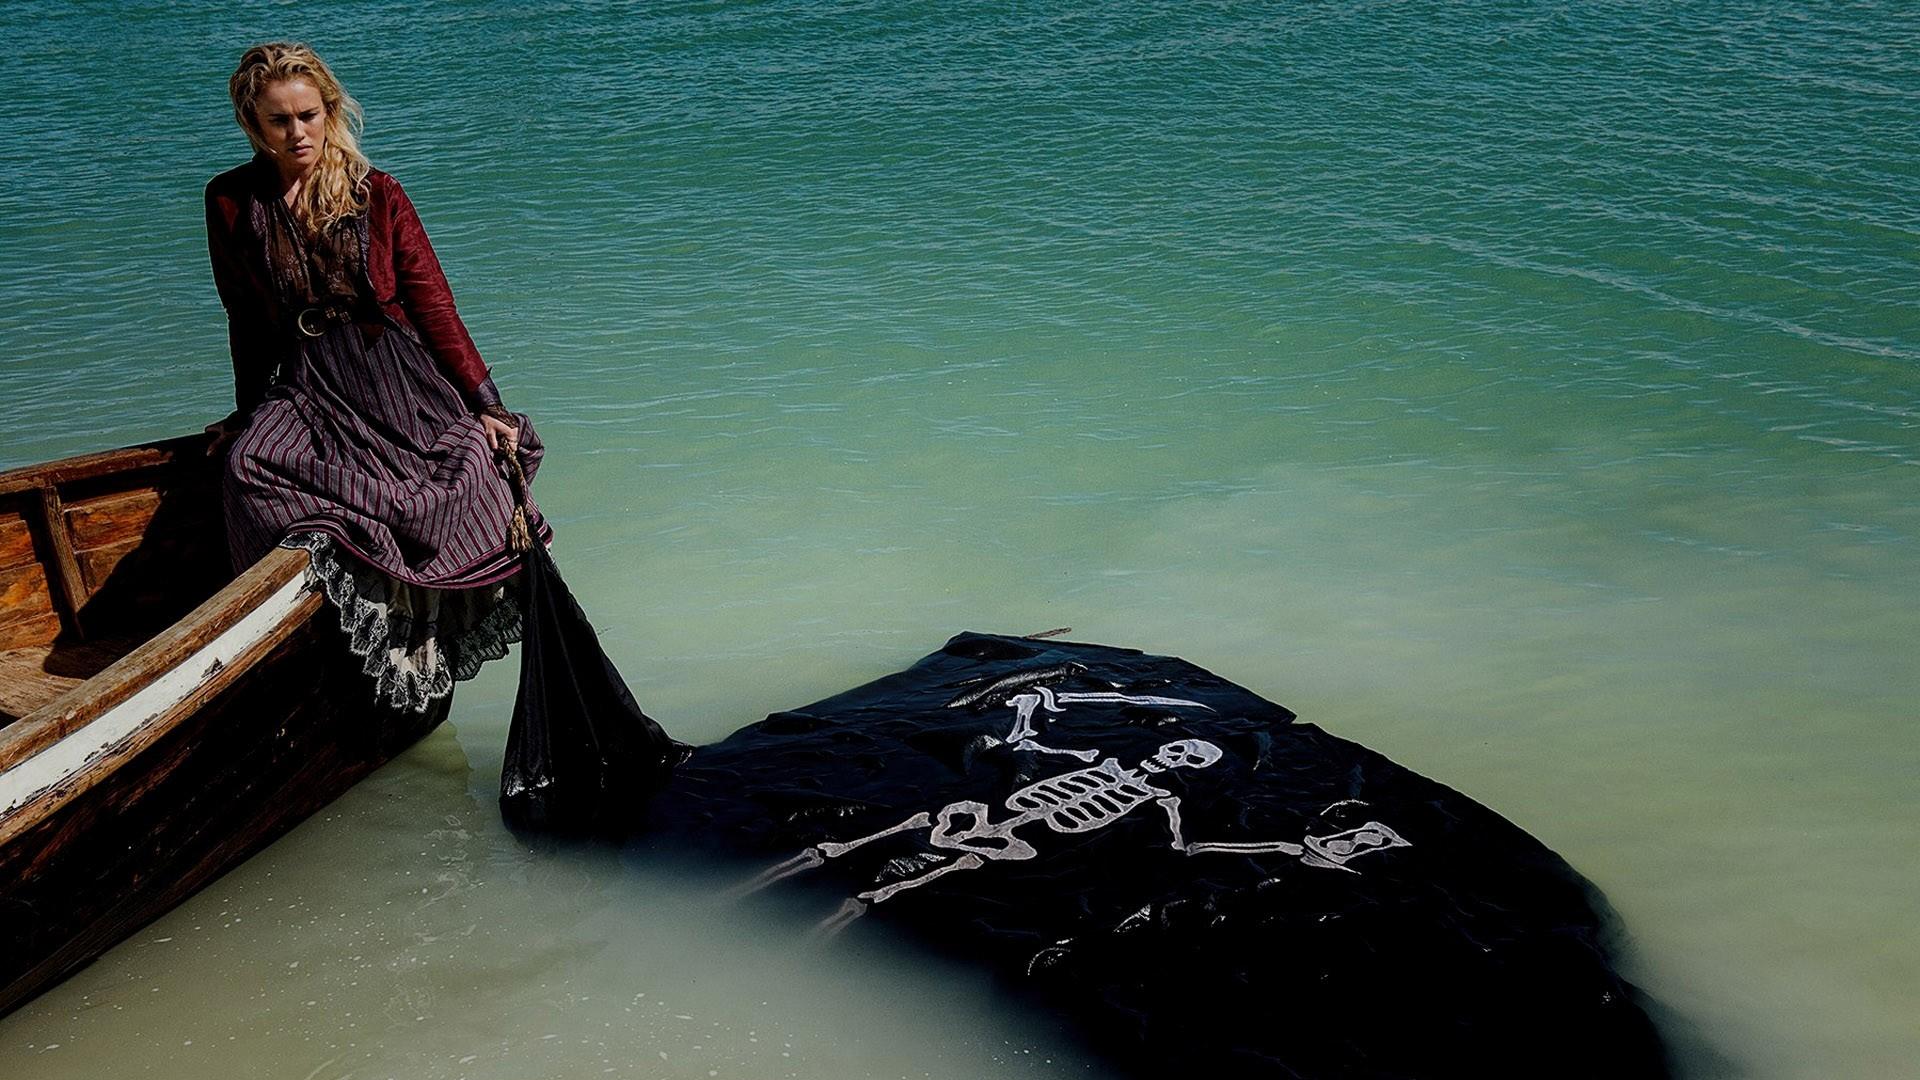 Black Sails – Black Sails Wallpaper (1920×1080) (92276)